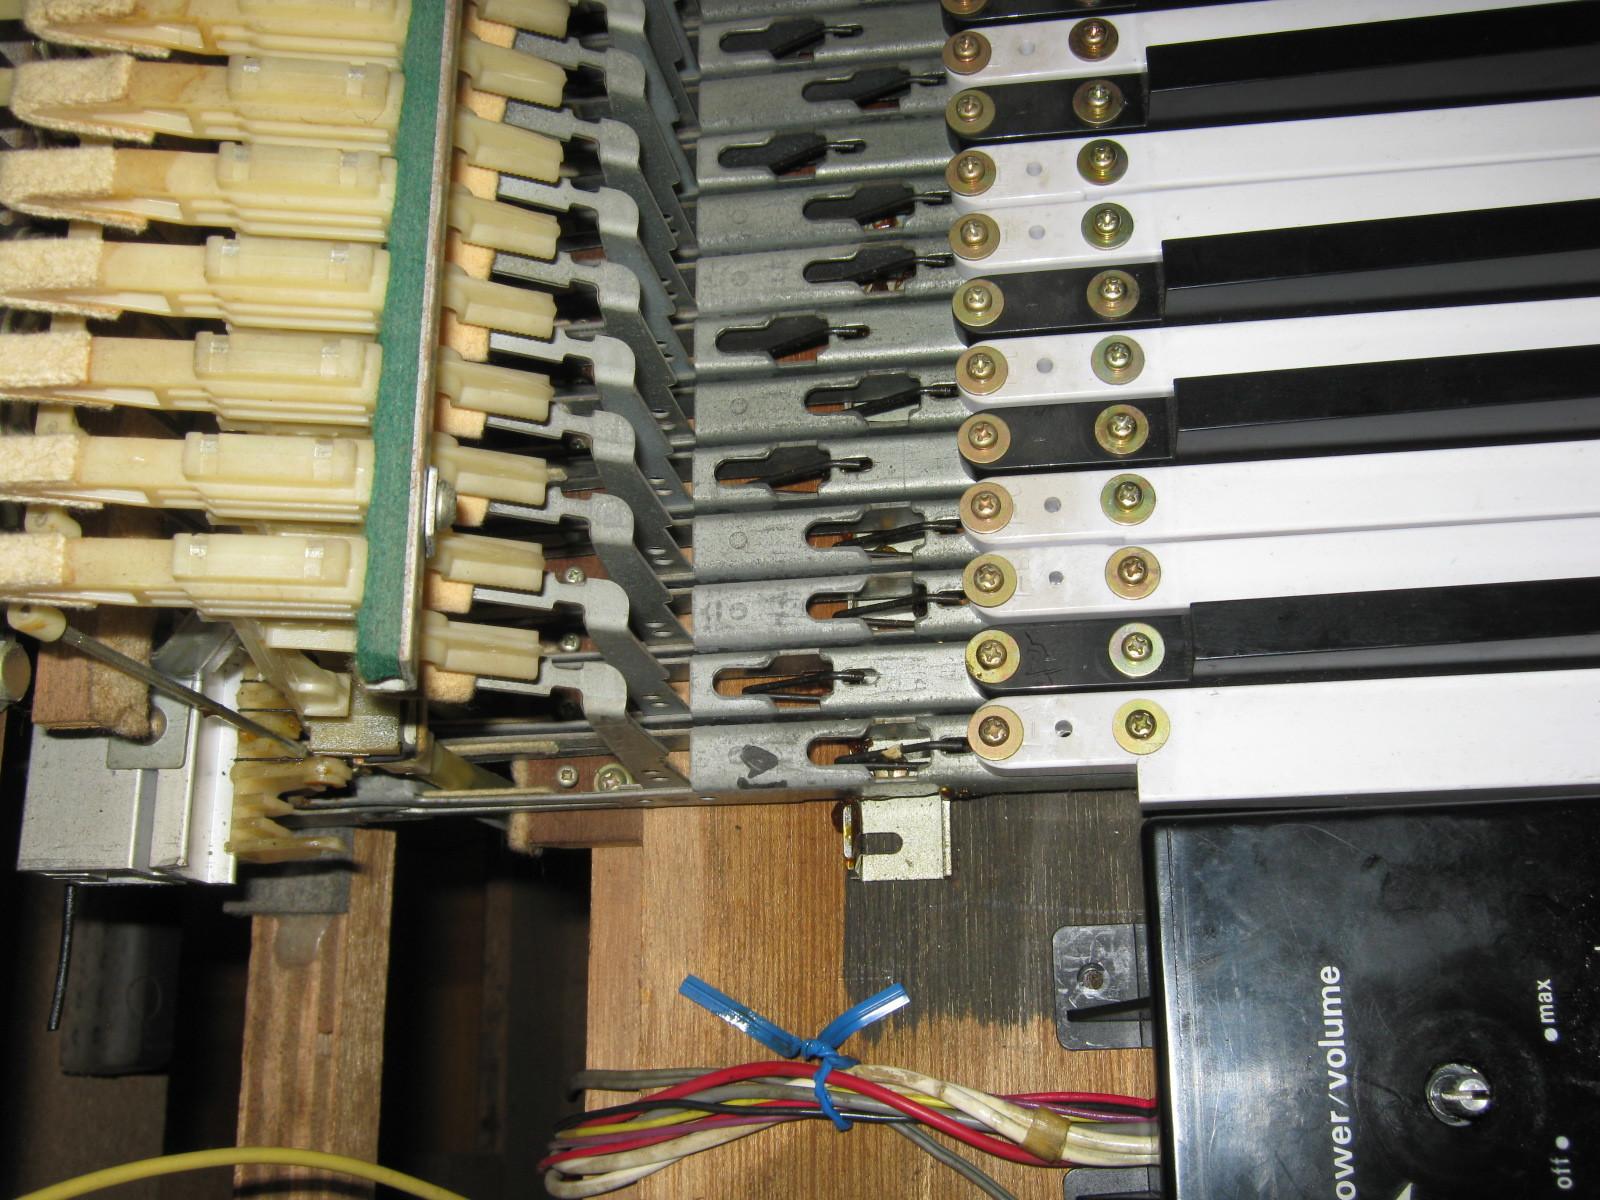 COLUMBIA電気ピアノ(抵抗不良)音源1 (2)